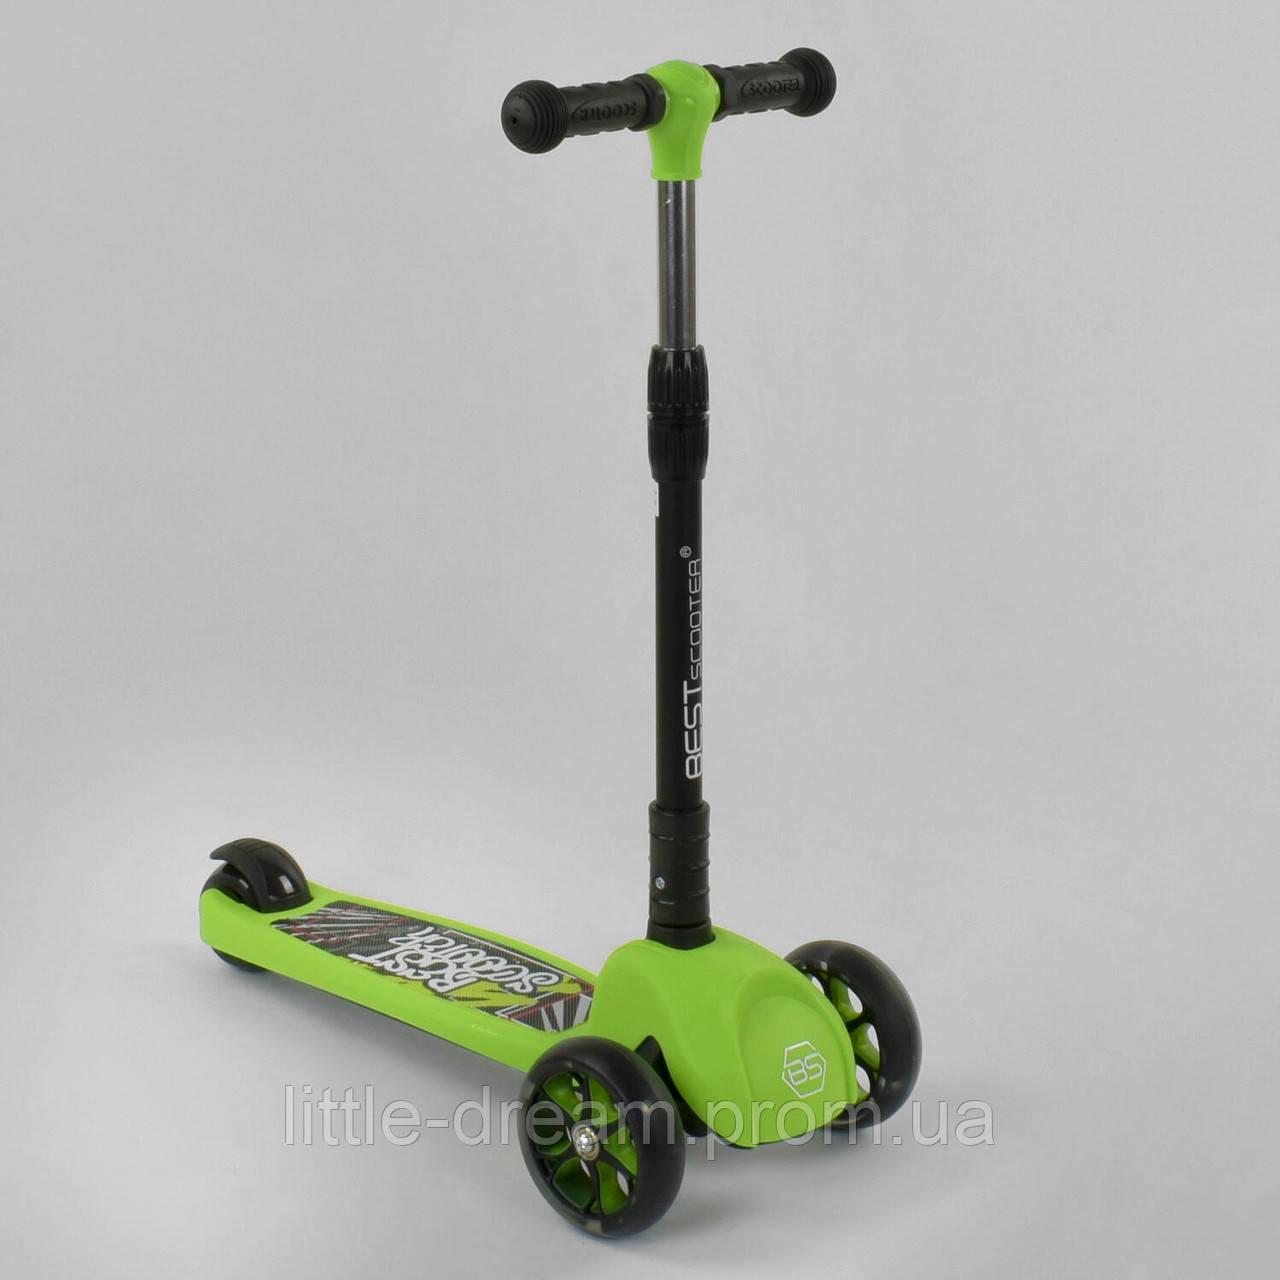 Дитячий триколісний самокат Best Scooter 35857 Зелений